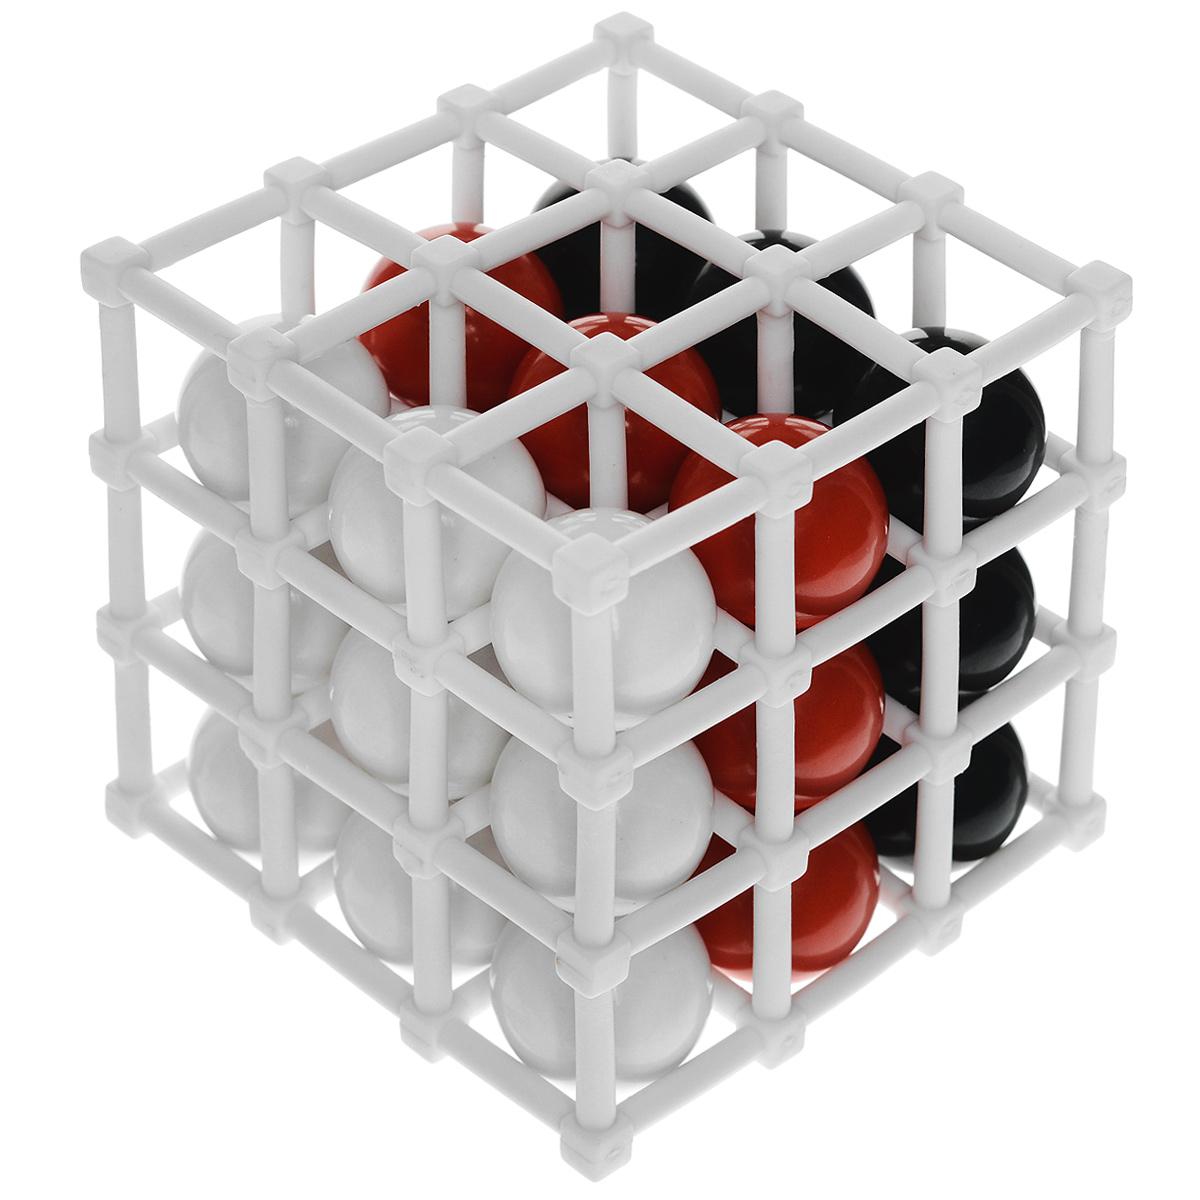 Настольная игра Кубулус (Cubulus)Р61764Настольная игра Кубулус (Cubulus) - очень необычная и невероятно занимательная игра! Игрокам нужно составить квадрат из четырех шаров одного цвета на любой из сторон куба, состоящего из 27 ячеек. В свой ход можно либо помещать один из шаров в куб, либо менять порядок шаров в выстроенной линии. Будьте внимательны и постарайтесь не упустить из вида ни одну из сторон! Выигрывает тот игрок, которому первым удалось создать квадрат из четырех шаров своего цвета на одной из сторон куба. Квадрат можно составить тремя различными способами. Если одновременно с этим образуется квадрат из шаров цвета другого игрока, то побеждает другой игрок. В игру можно играть как вдвоем, так и втроем, во втором случае нет шаров нейтрального цвета. Комплект игры включает мягкий кубик, состоящий из 27 ячеек, 27 шариков трех различных цветов и правила игры на русском языке. Время игры - 20 минут.